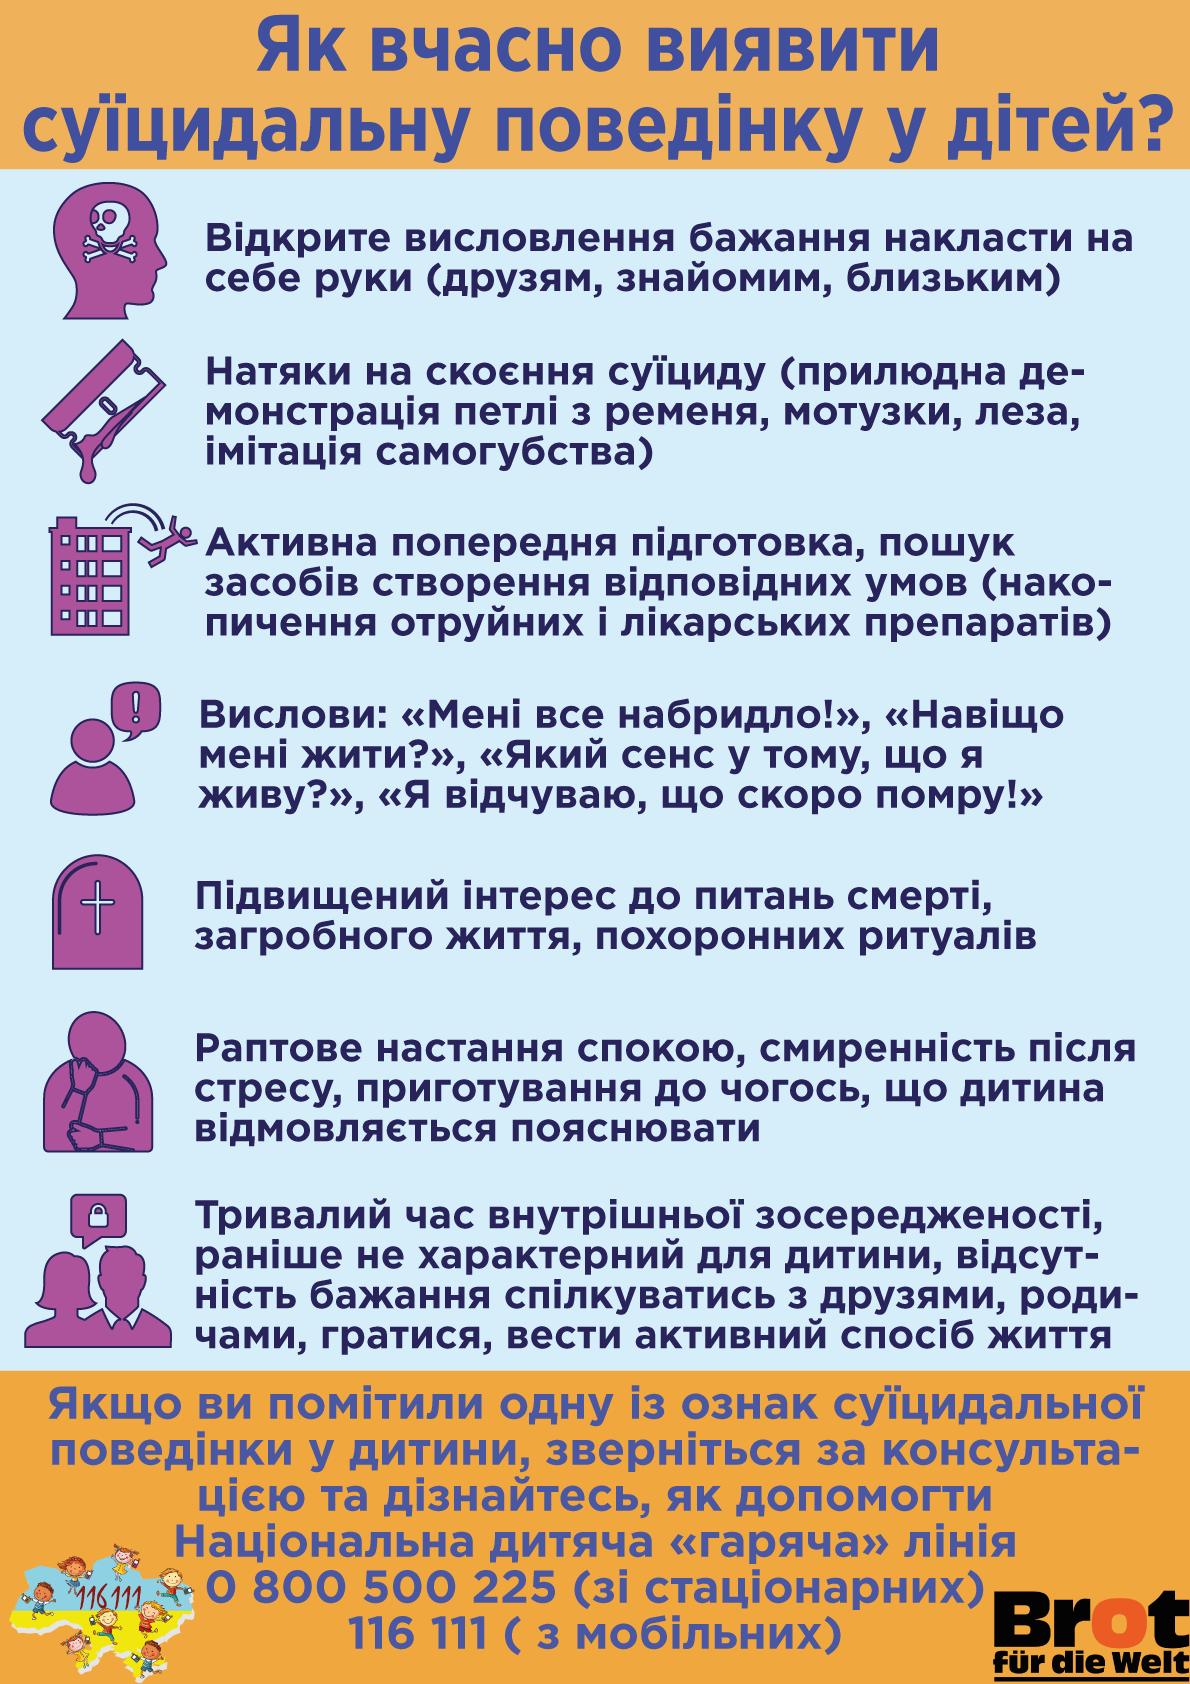 10 вересня - Всесвітній день запобігання самогубствам - суїцид - 41431377 1114887872000072 9156976678591791104 o